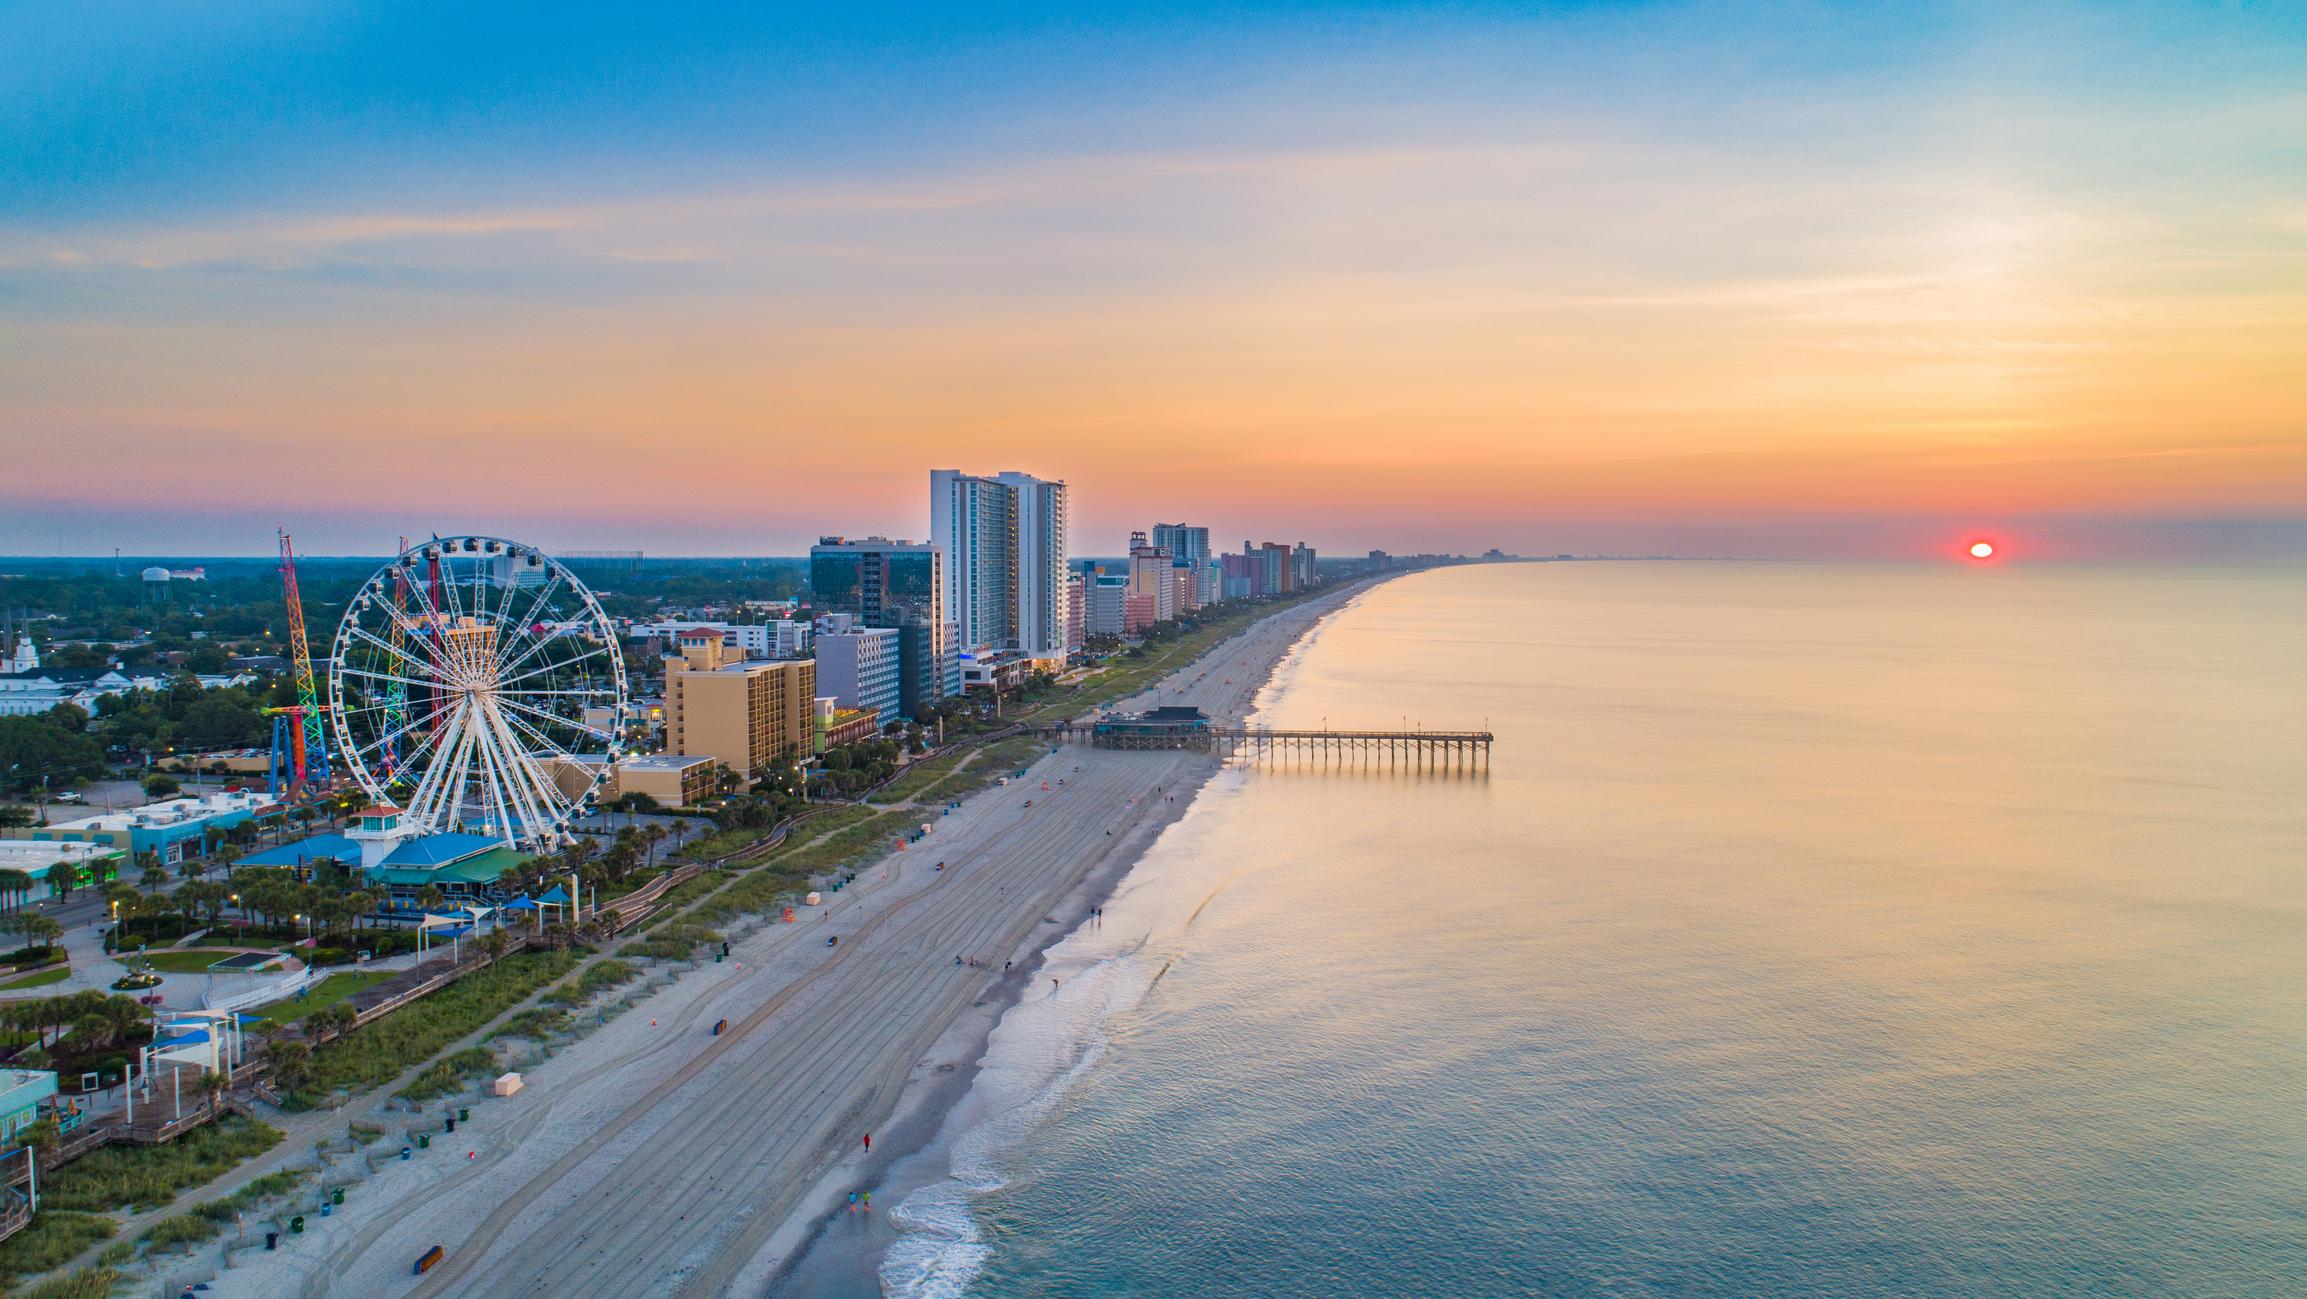 Myrtle Beach South Carolina Sc Skyline